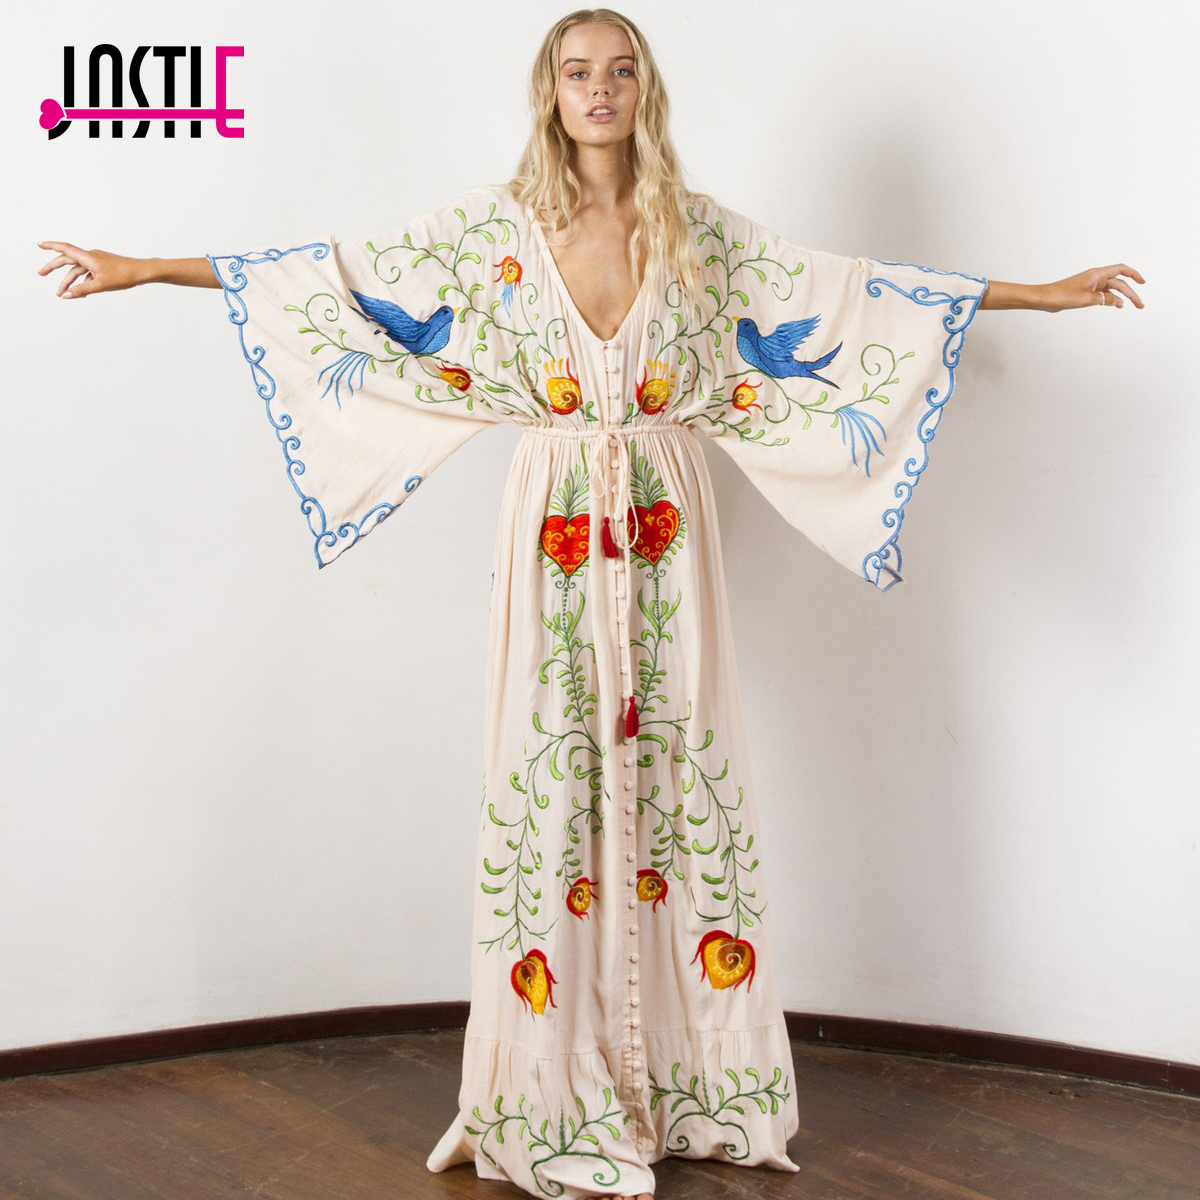 Jastie вышитые женские платье макси v-образный вырез летучая мышь рукав свободный плюс размер летние платья с кулиской на талии Boho Beach Vestidos